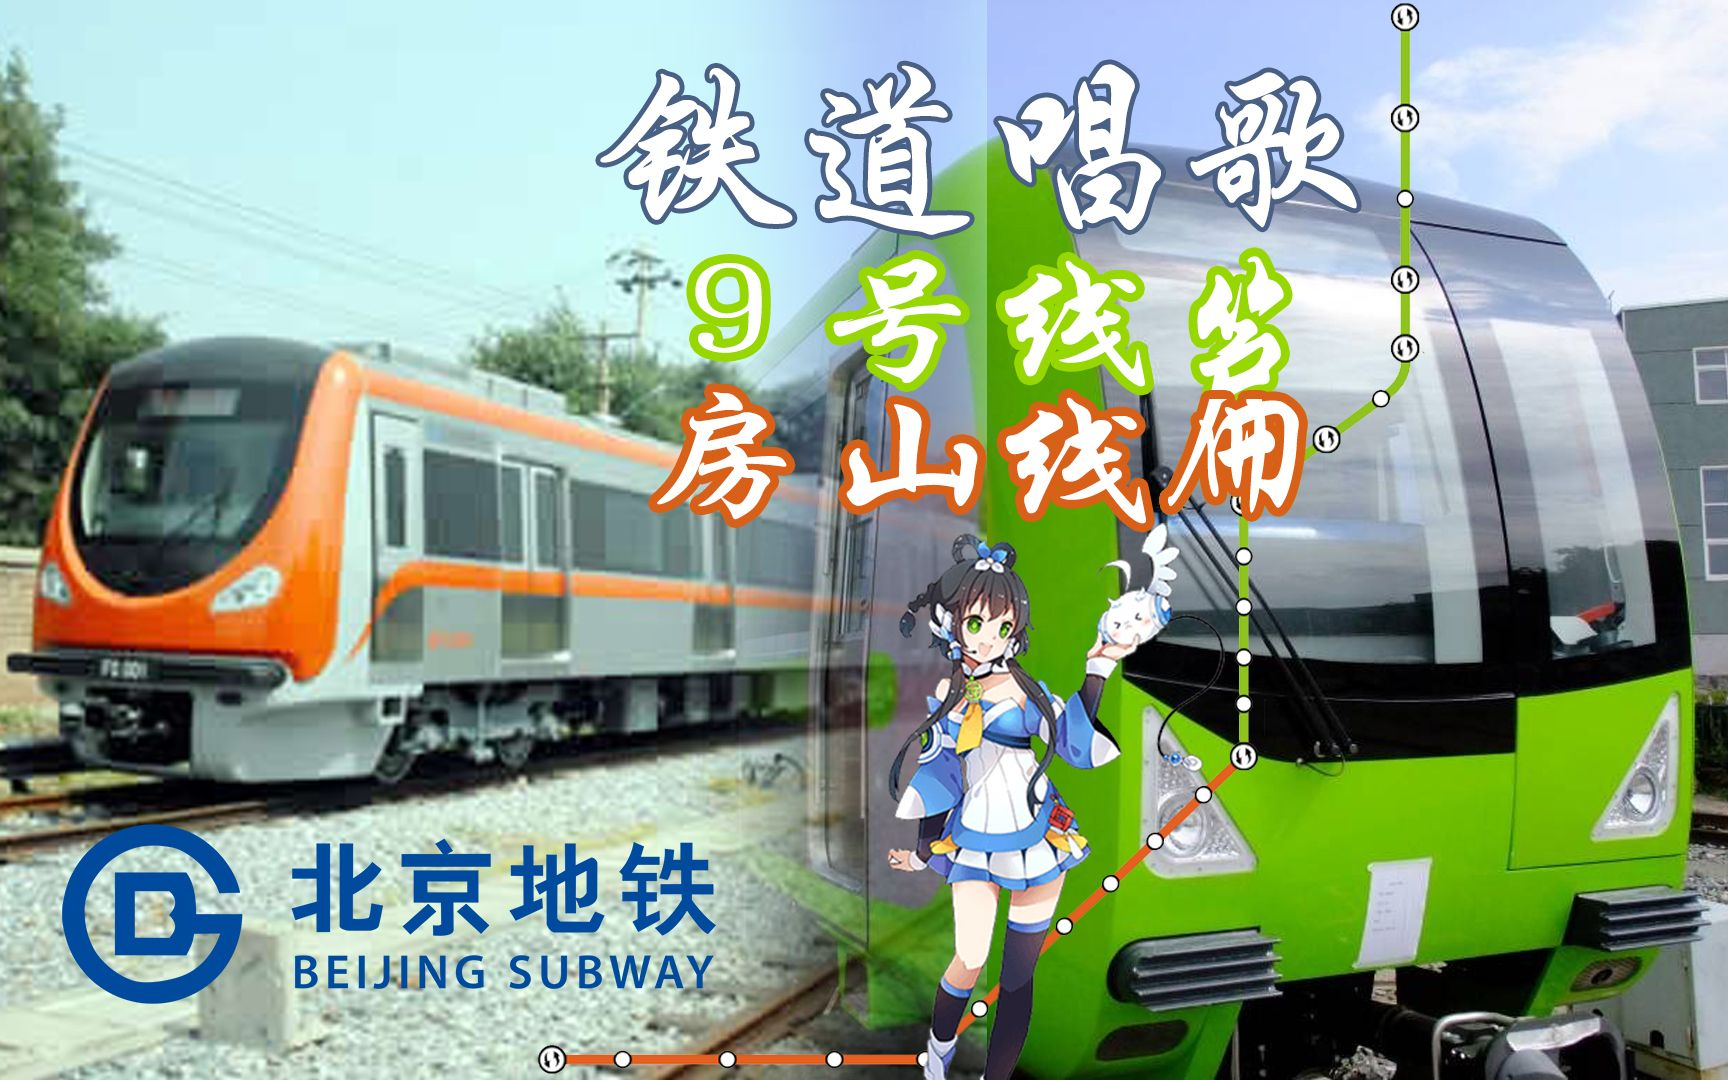 活动作品「北京地铁系列」洛天依带你铁道唱歌-9号线·房山线篇